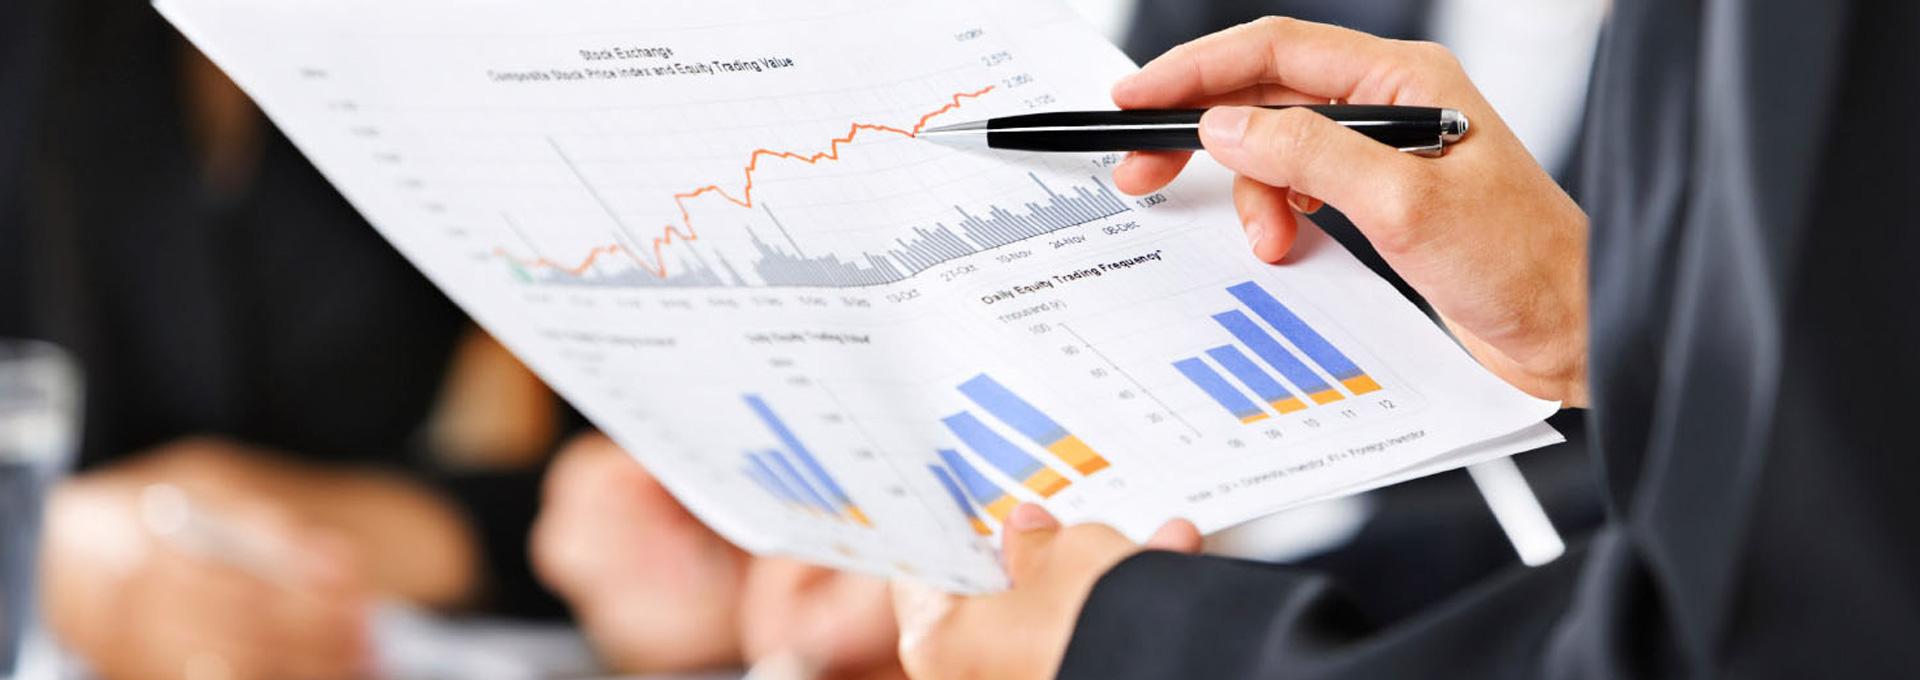 Оценка возможности взыскания долга